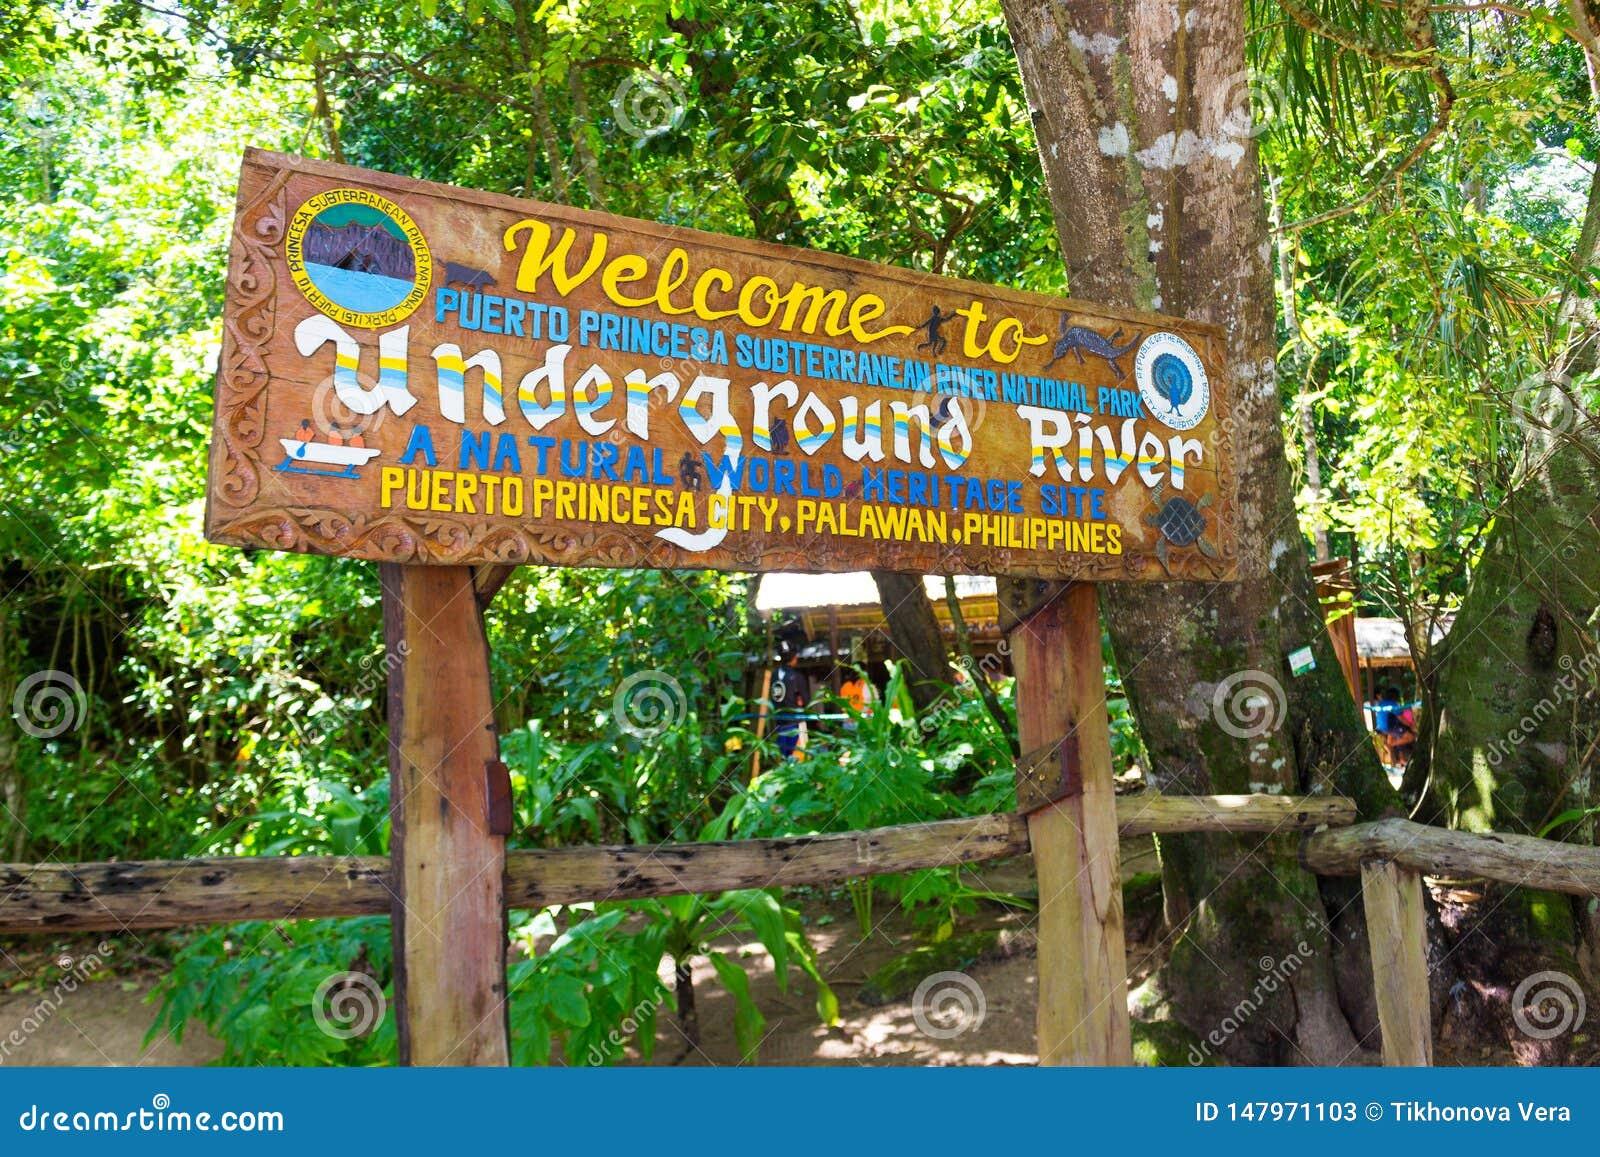 Entrada do rio subterr?neo subterr?neo de Puerto Princesa Palawan